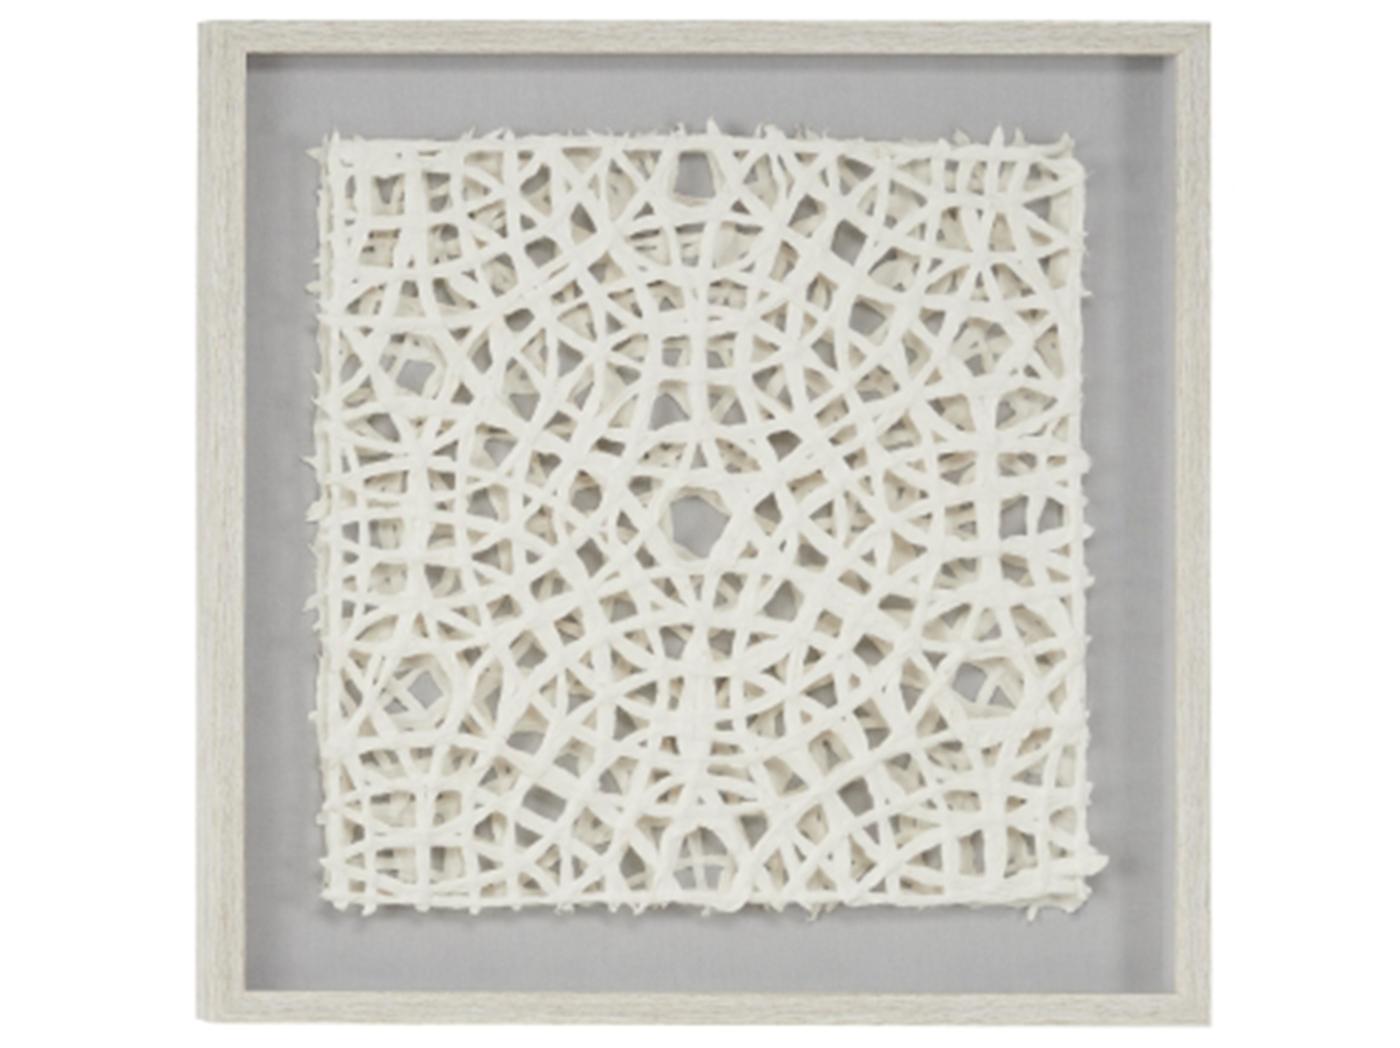 White Paper Wall Art 24 W X 24 H Steinhafels